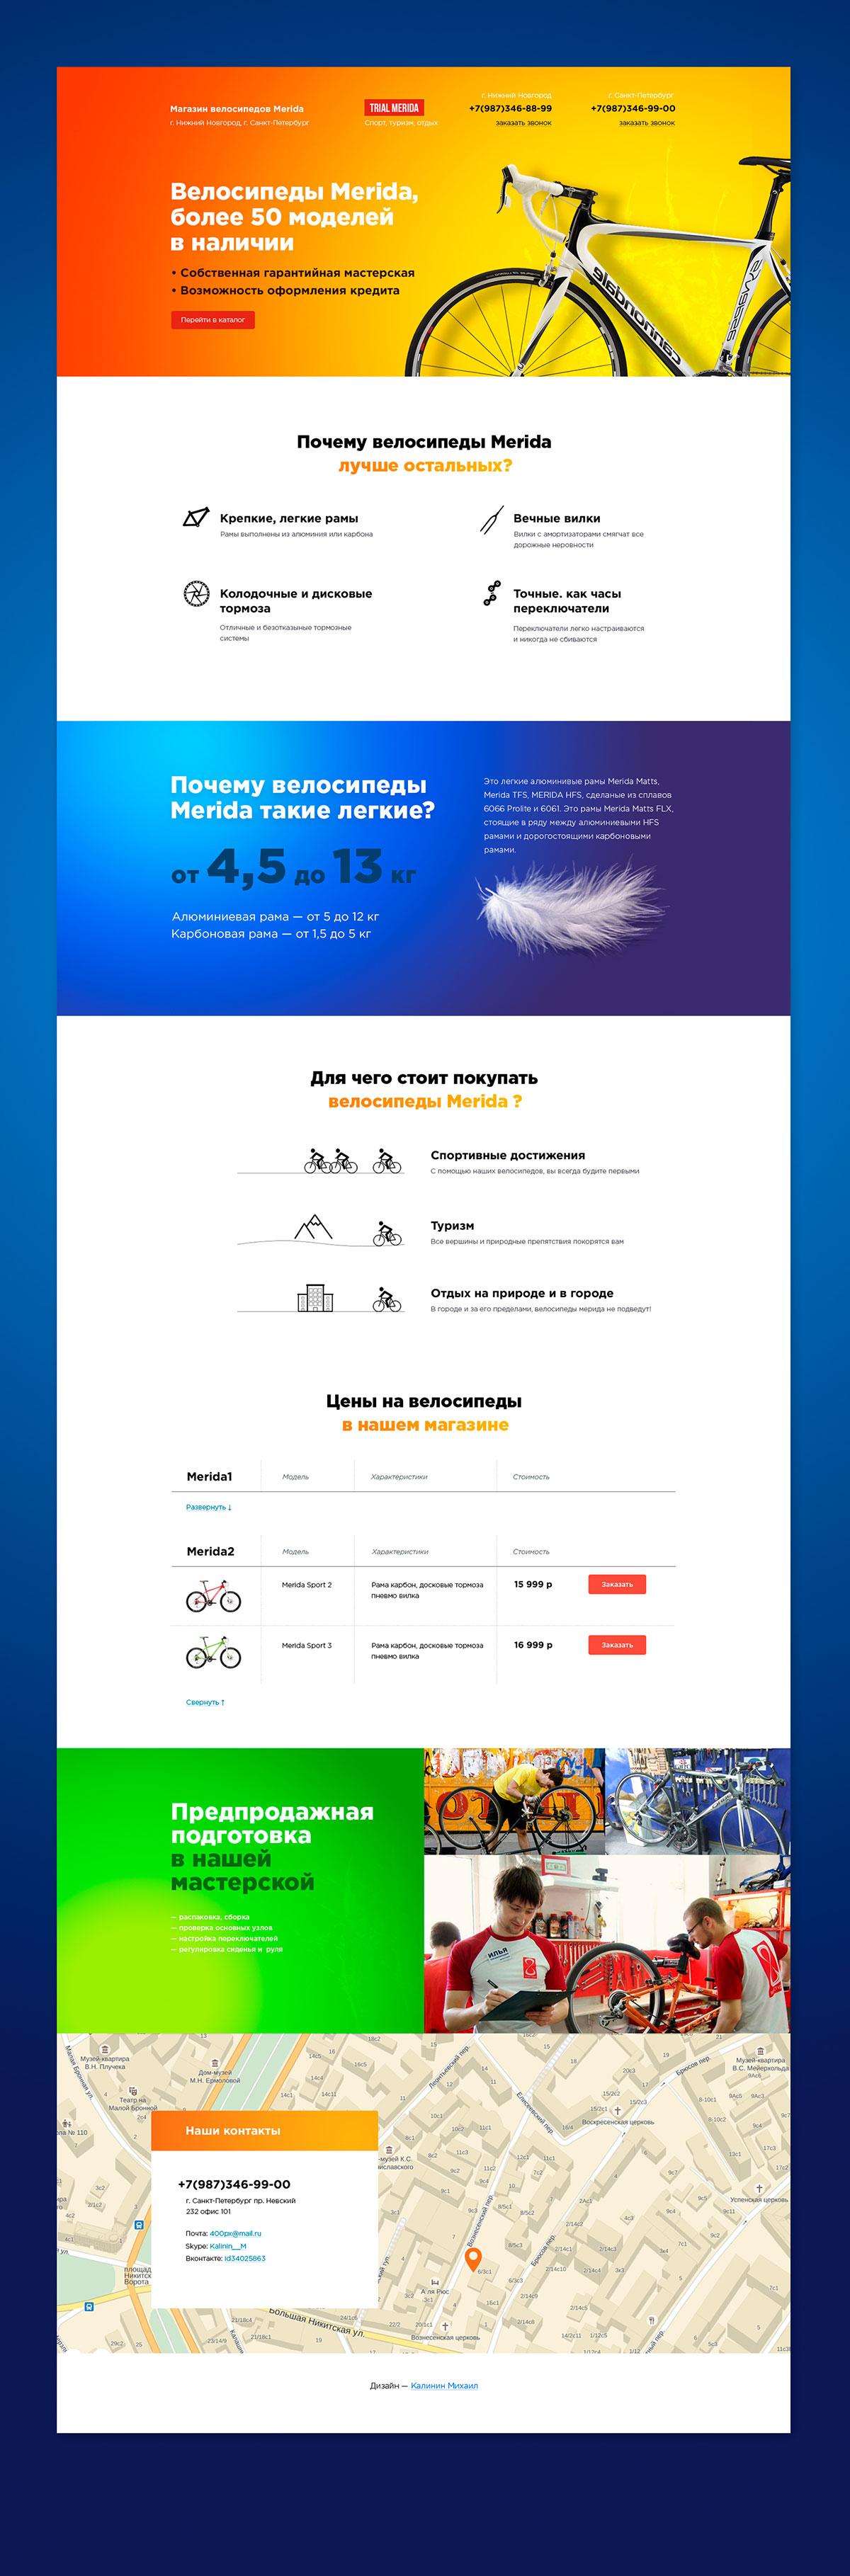 自行车网页设计应该着重展现哪些内容?